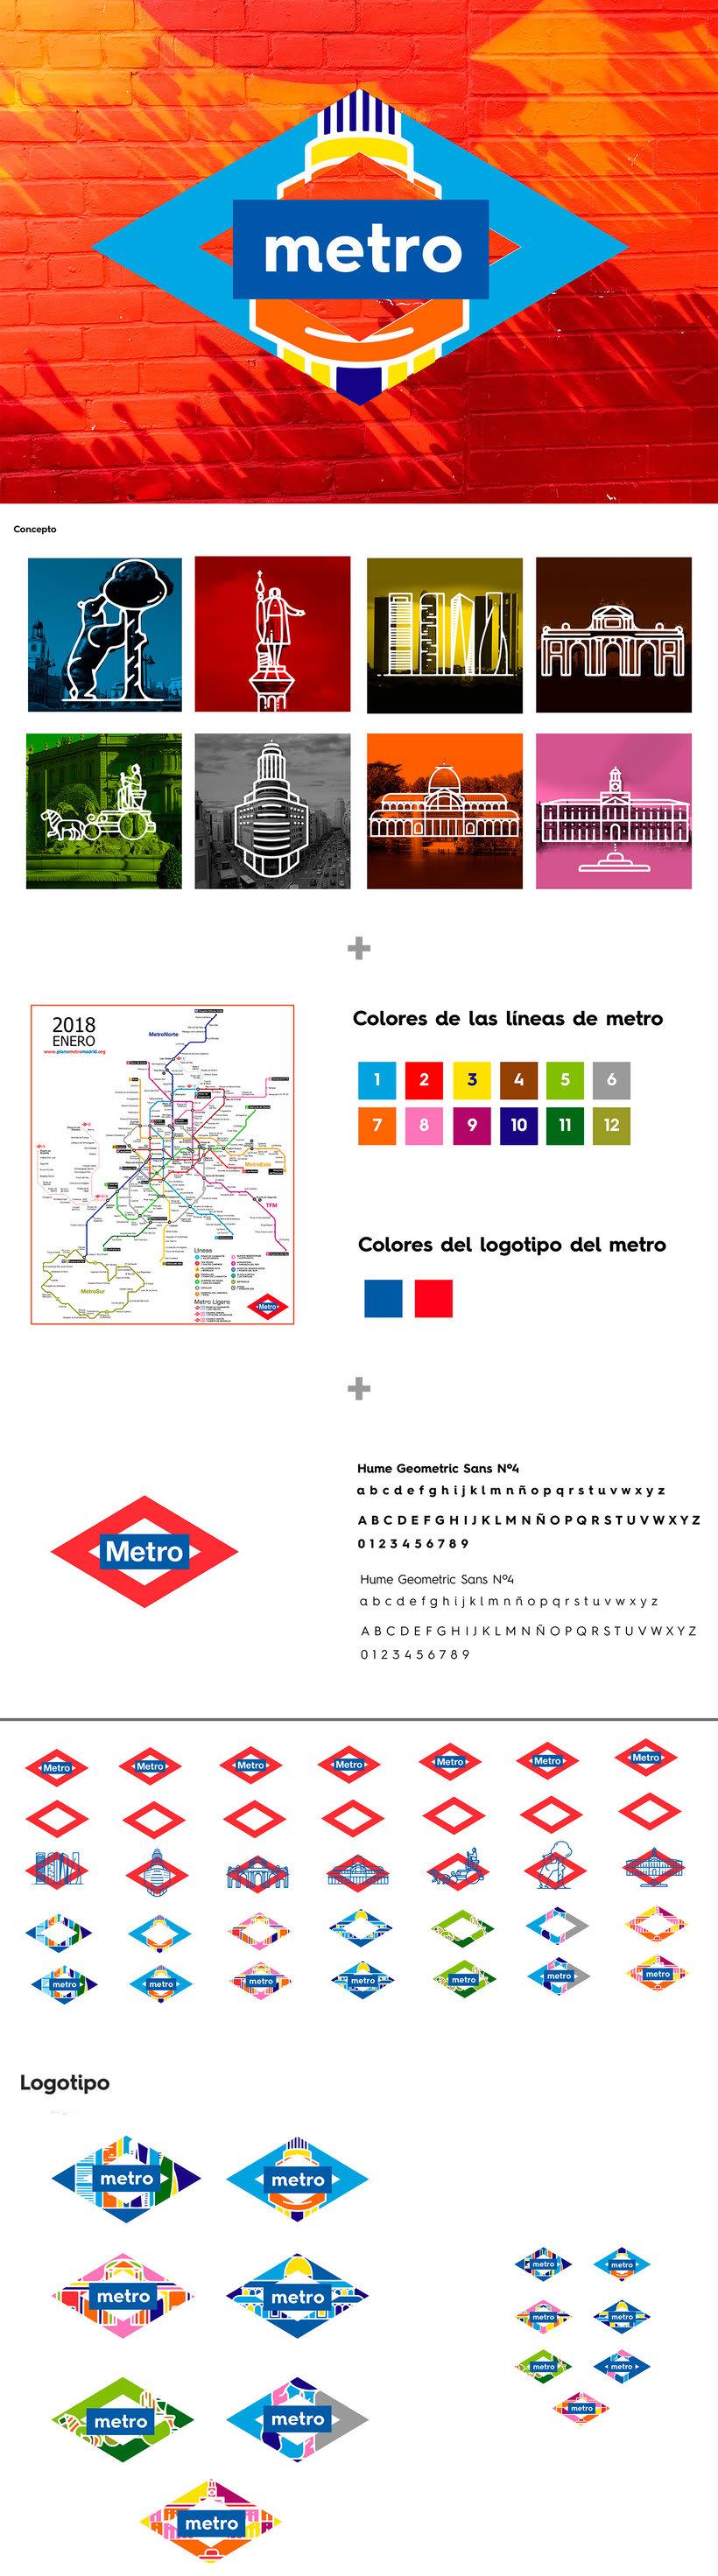 Metro de Madrid 1